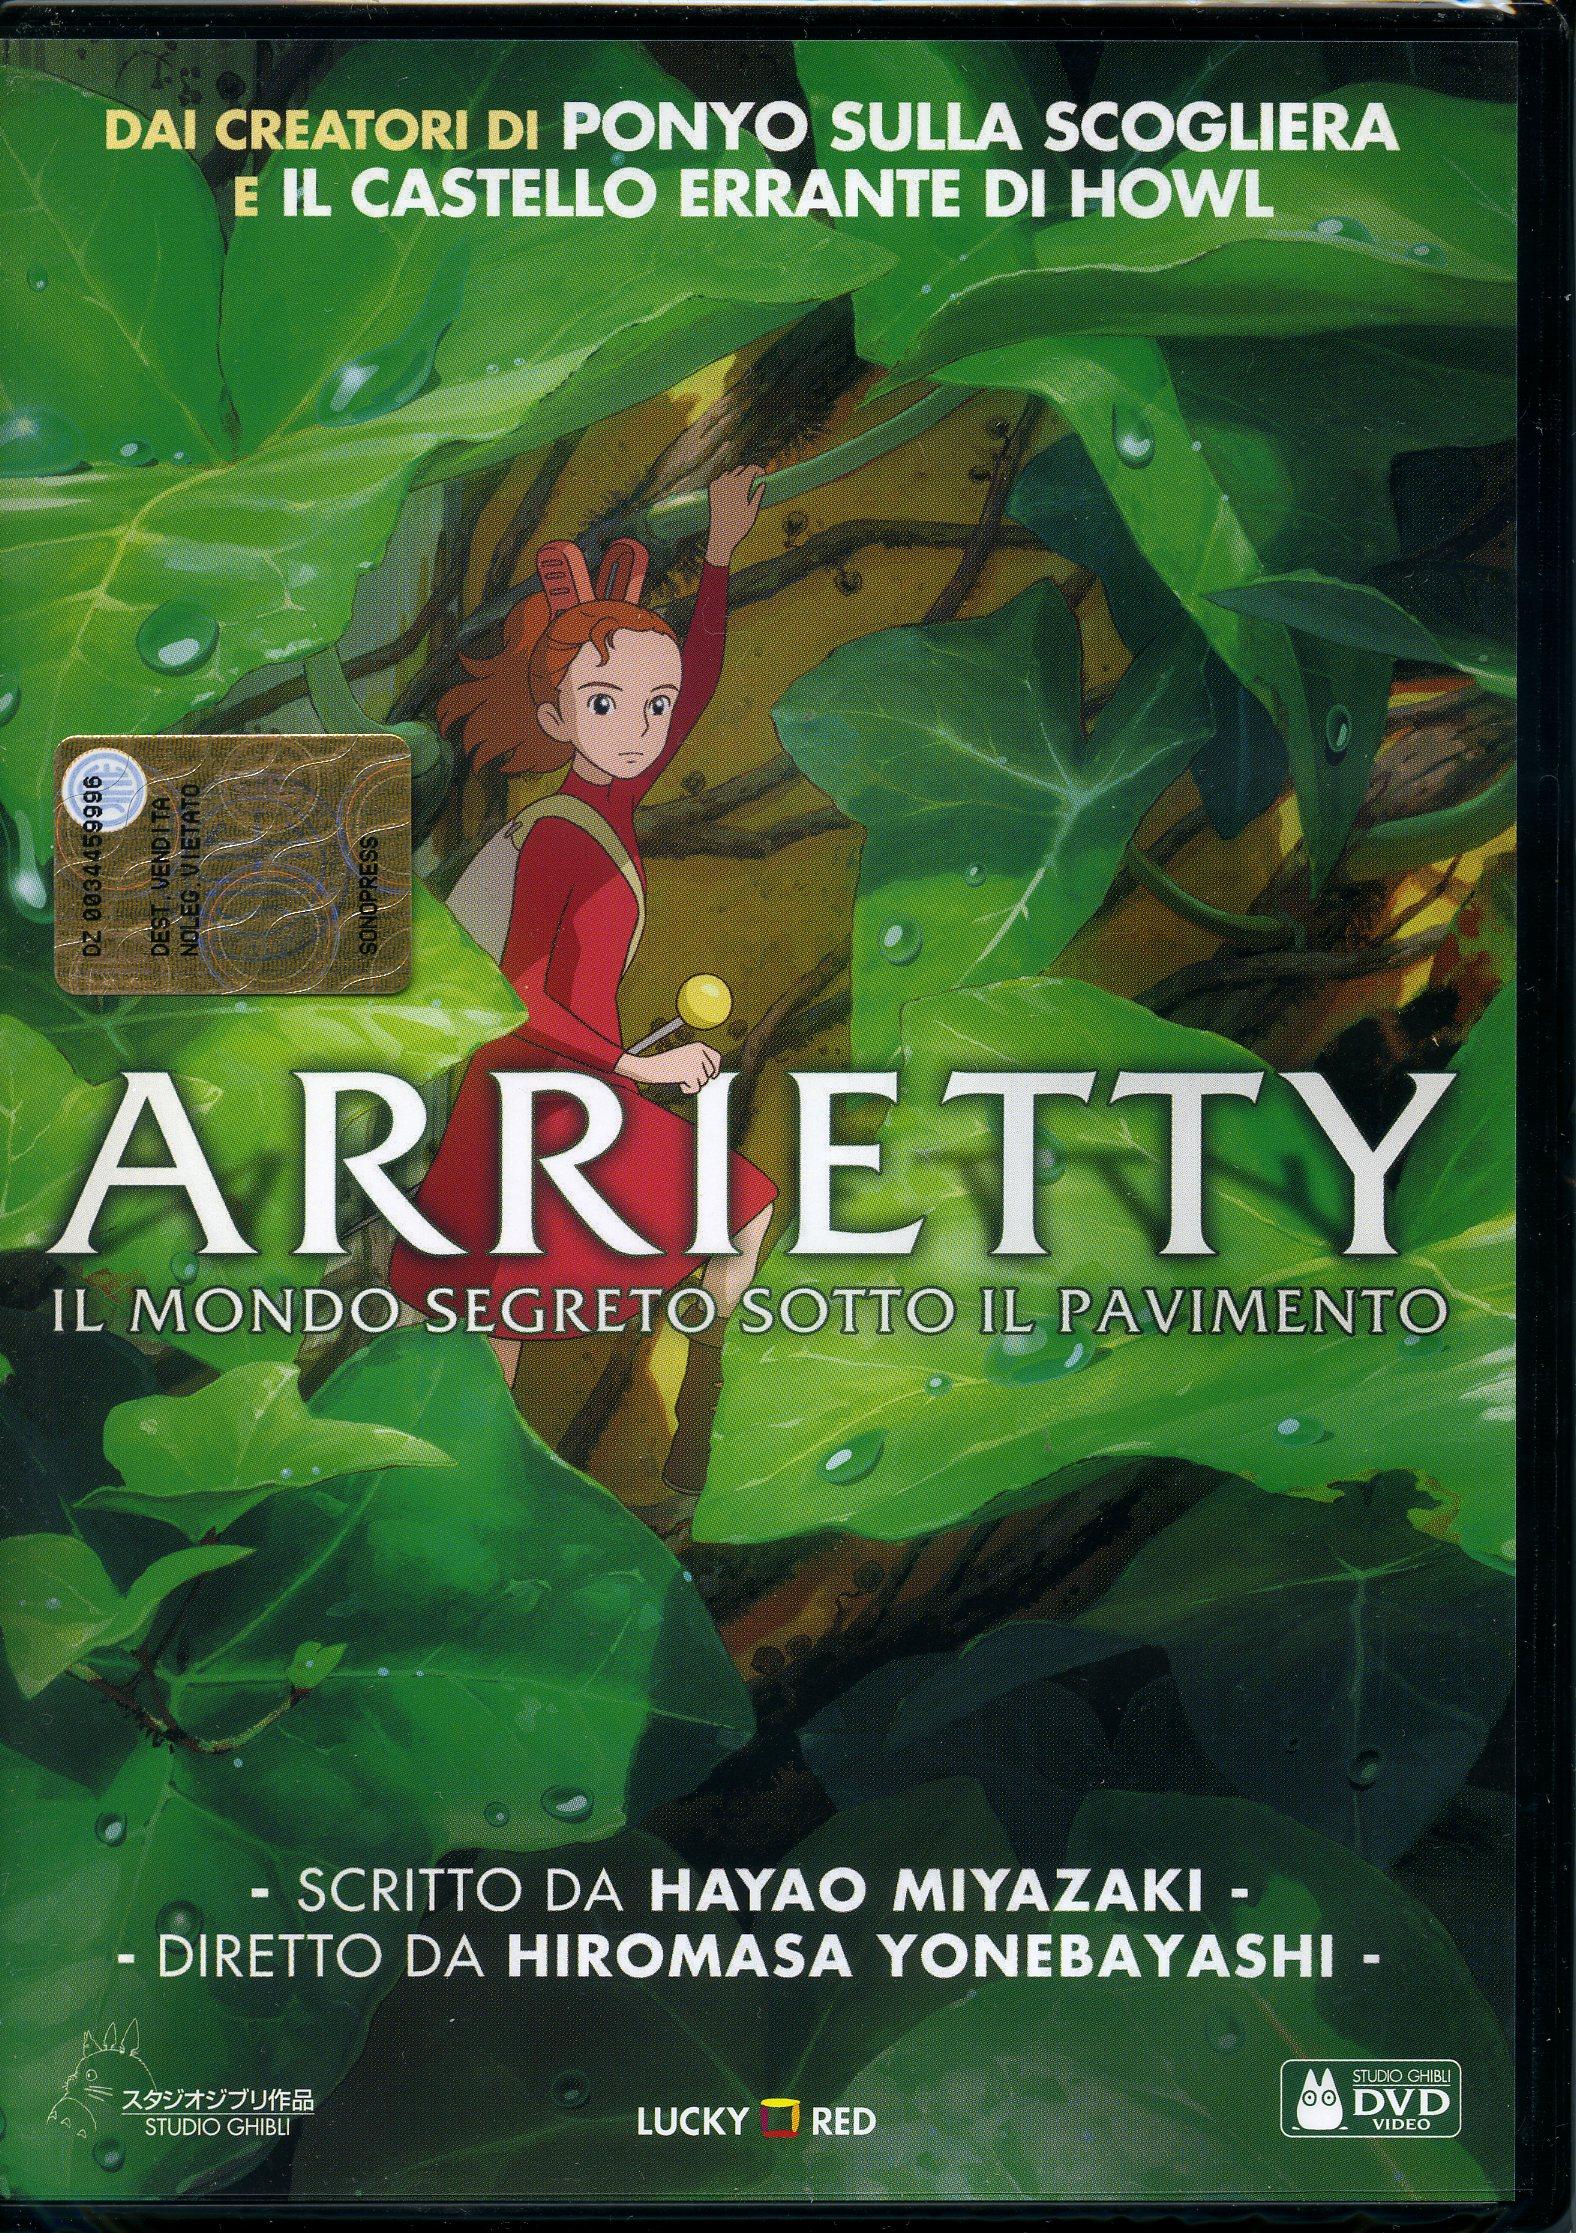 ARRIETTY IL MONDO SEGRETO SOTTO IL PAVIMENTO